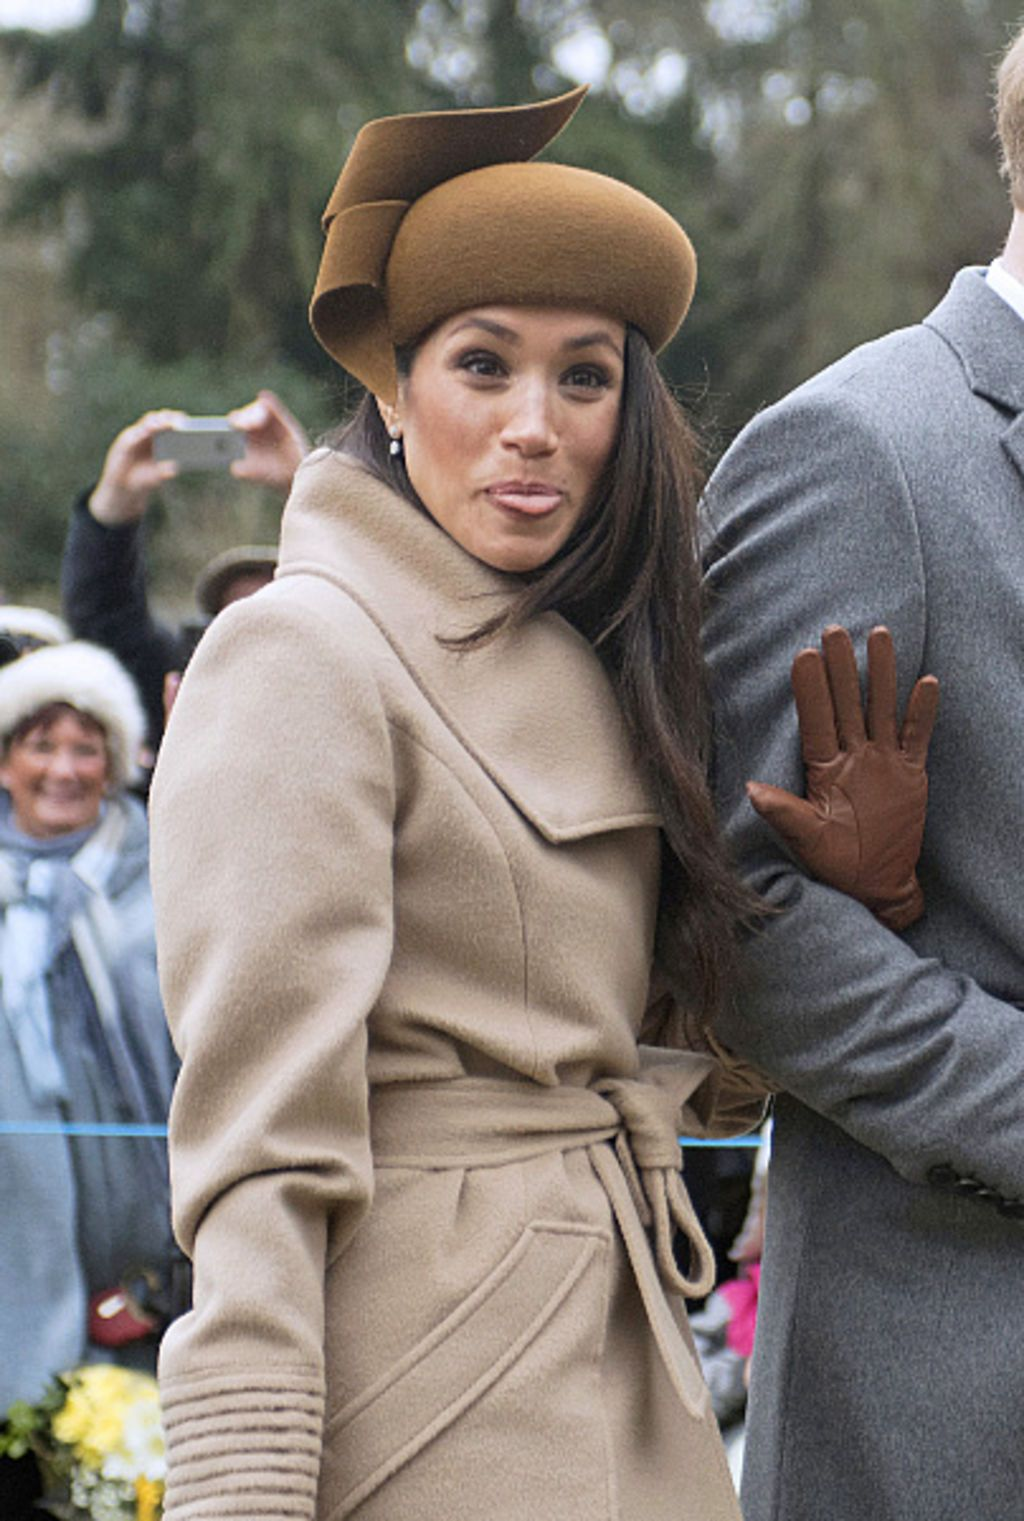 Meghan Markle, accompagnée du prince Harry et de la famille royale, arrive à la messe de Noël à Sandringham, le 25 décembre 2017